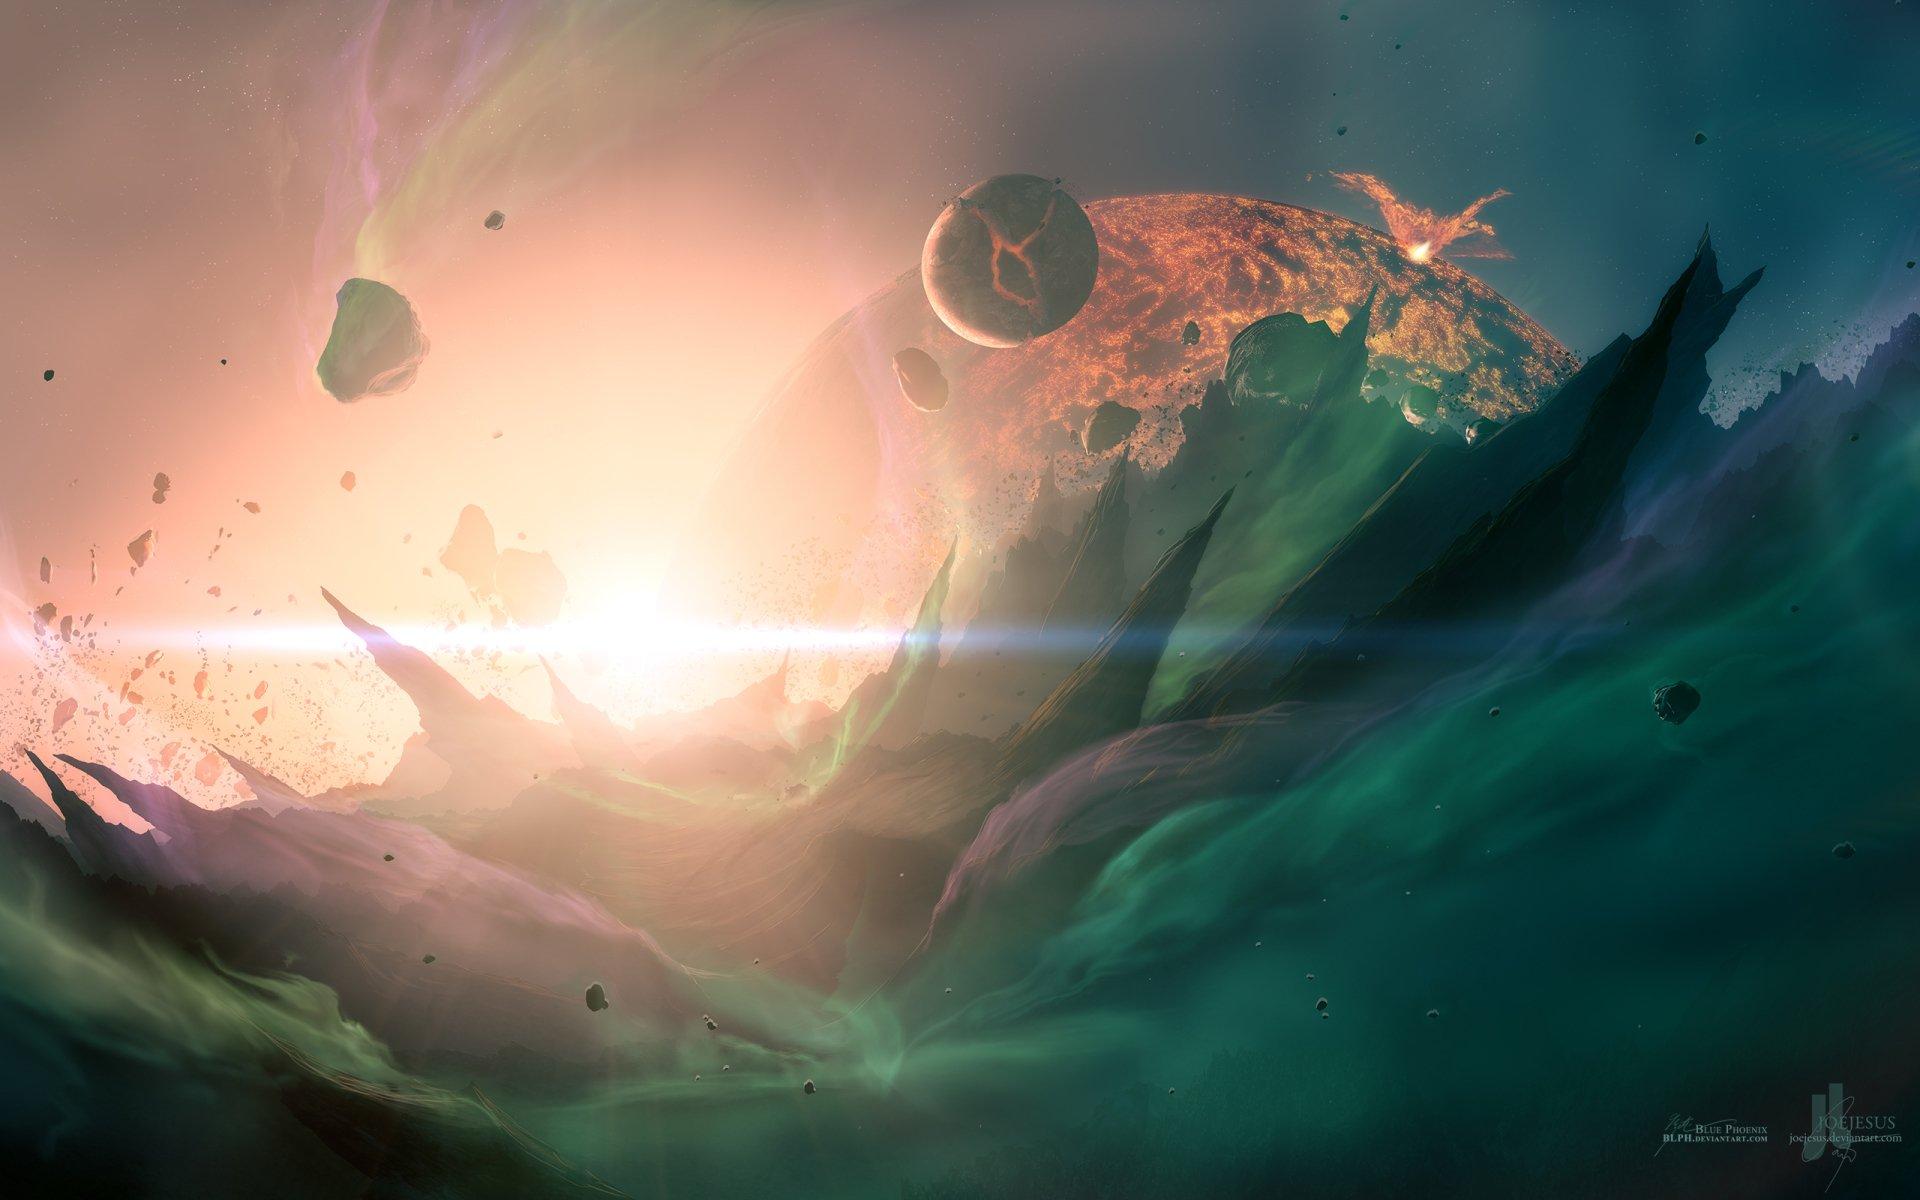 Sci Fi - Collision  Wallpaper